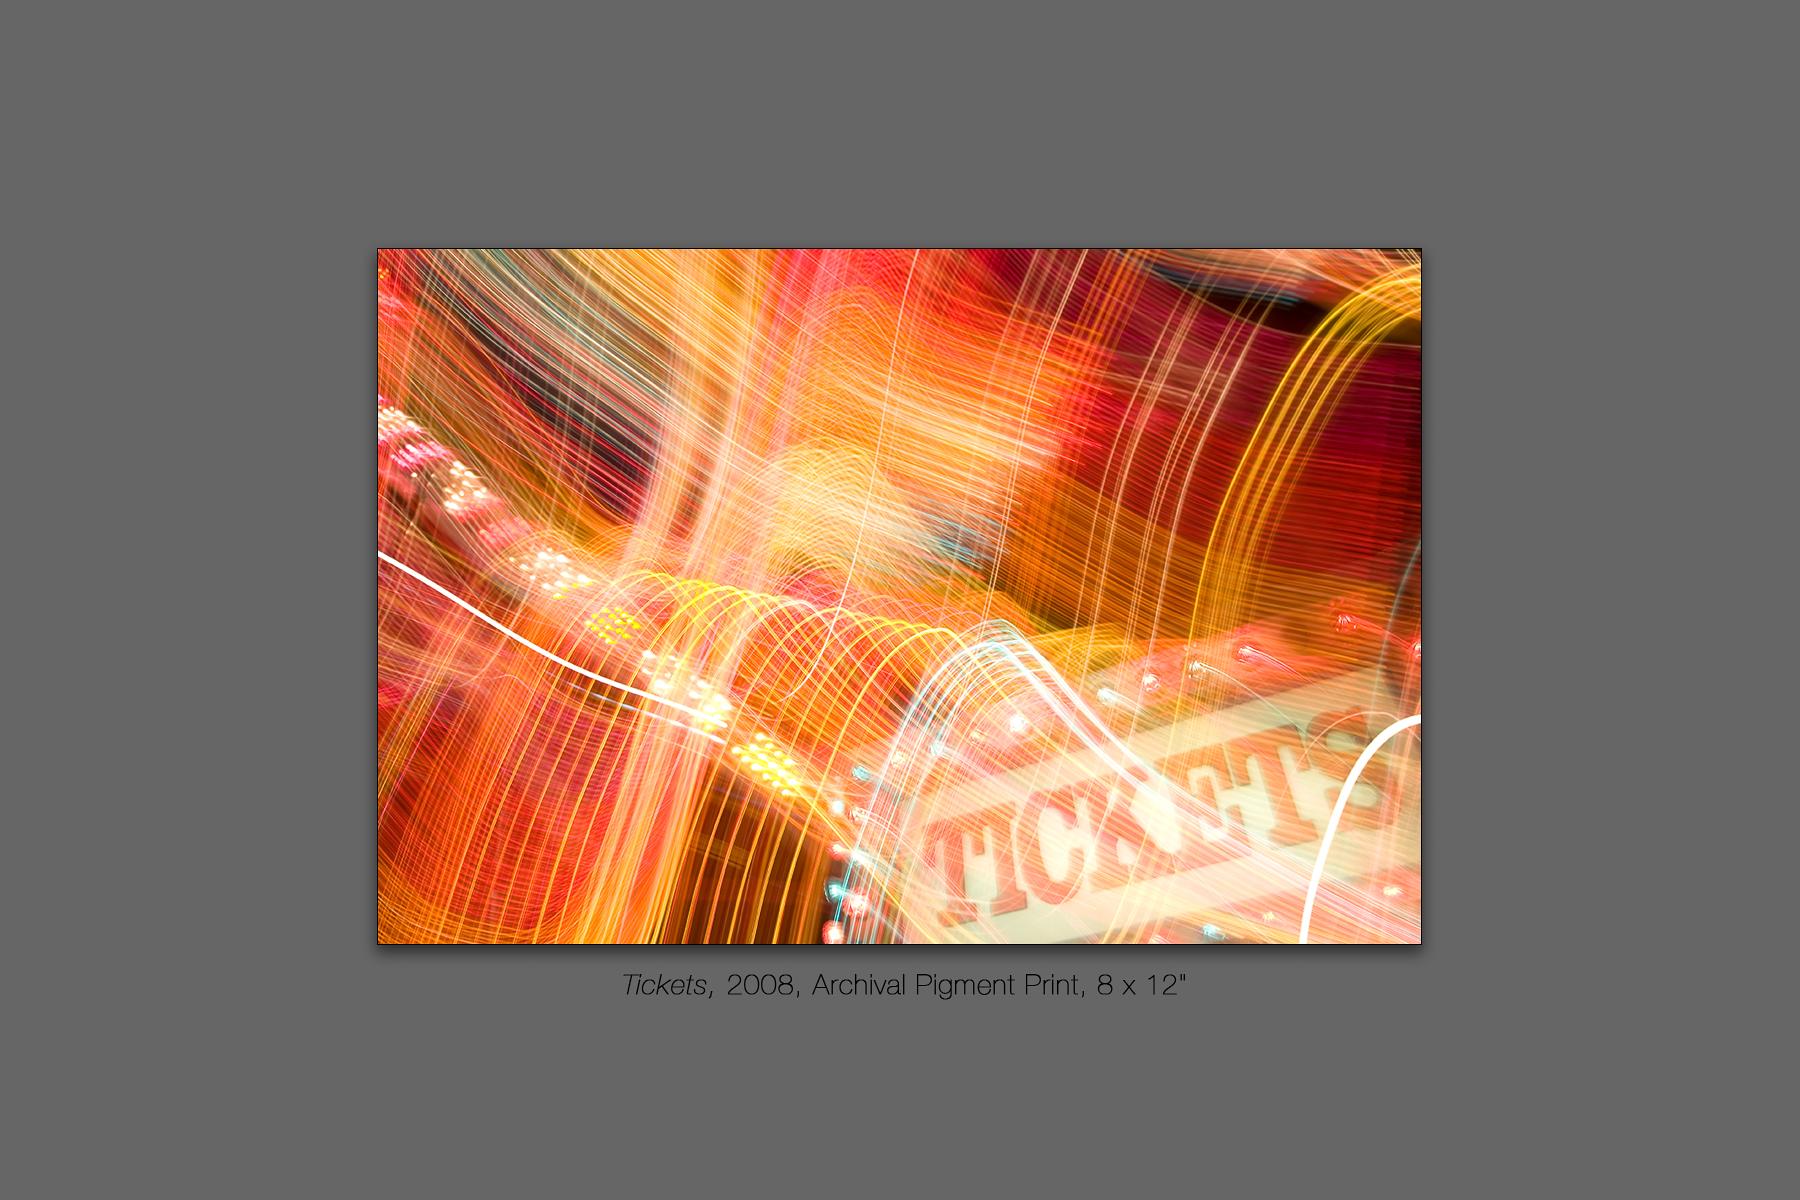 Tickets, 2008